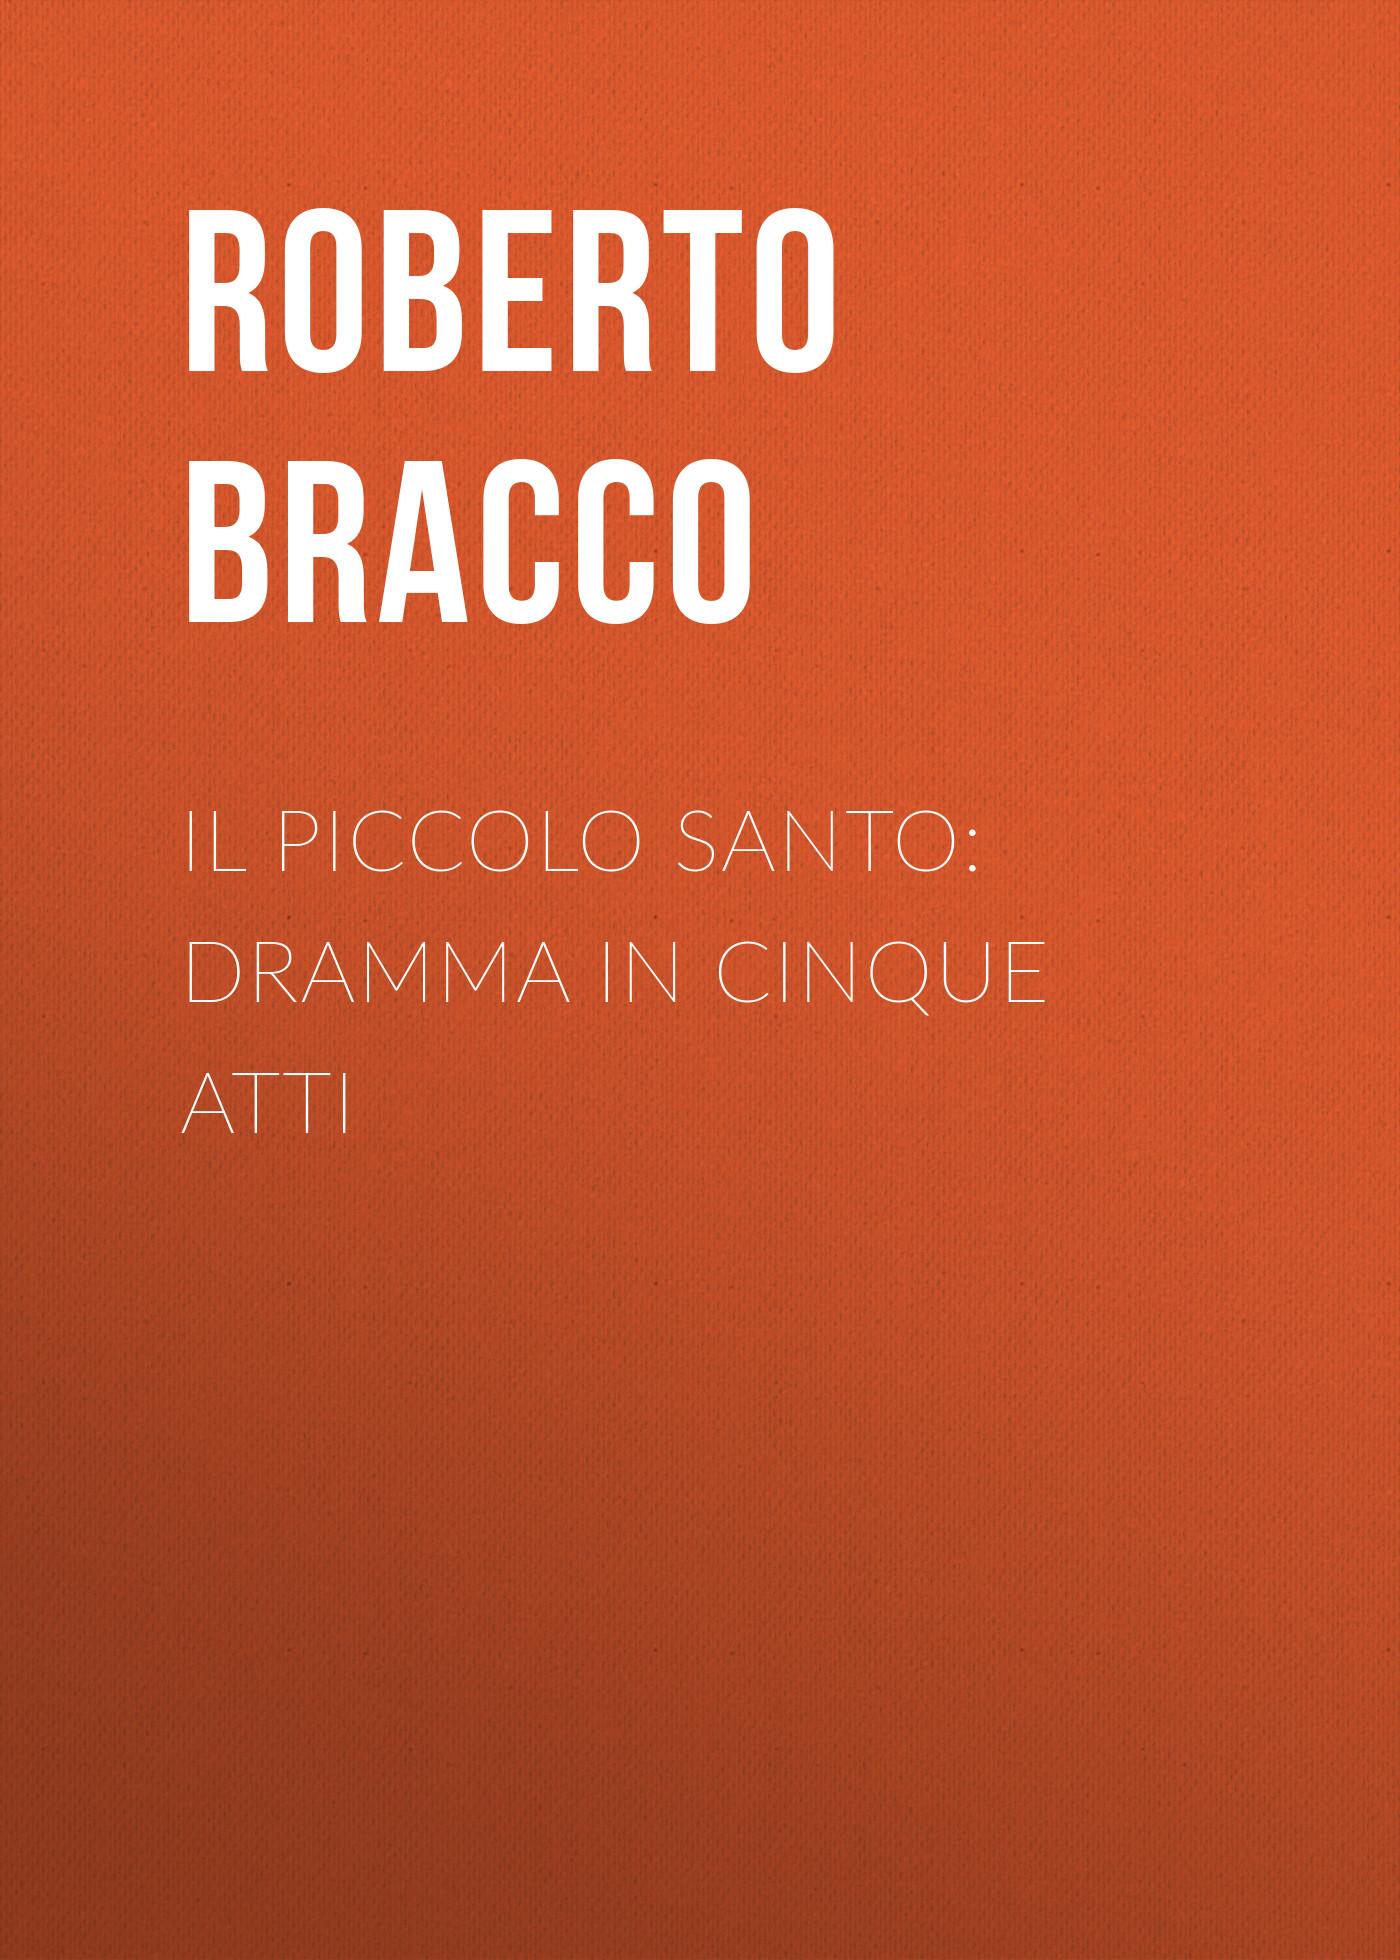 Bracco Roberto Il piccolo santo: Dramma in cinque atti bracco roberto nellina dramma in tre atti